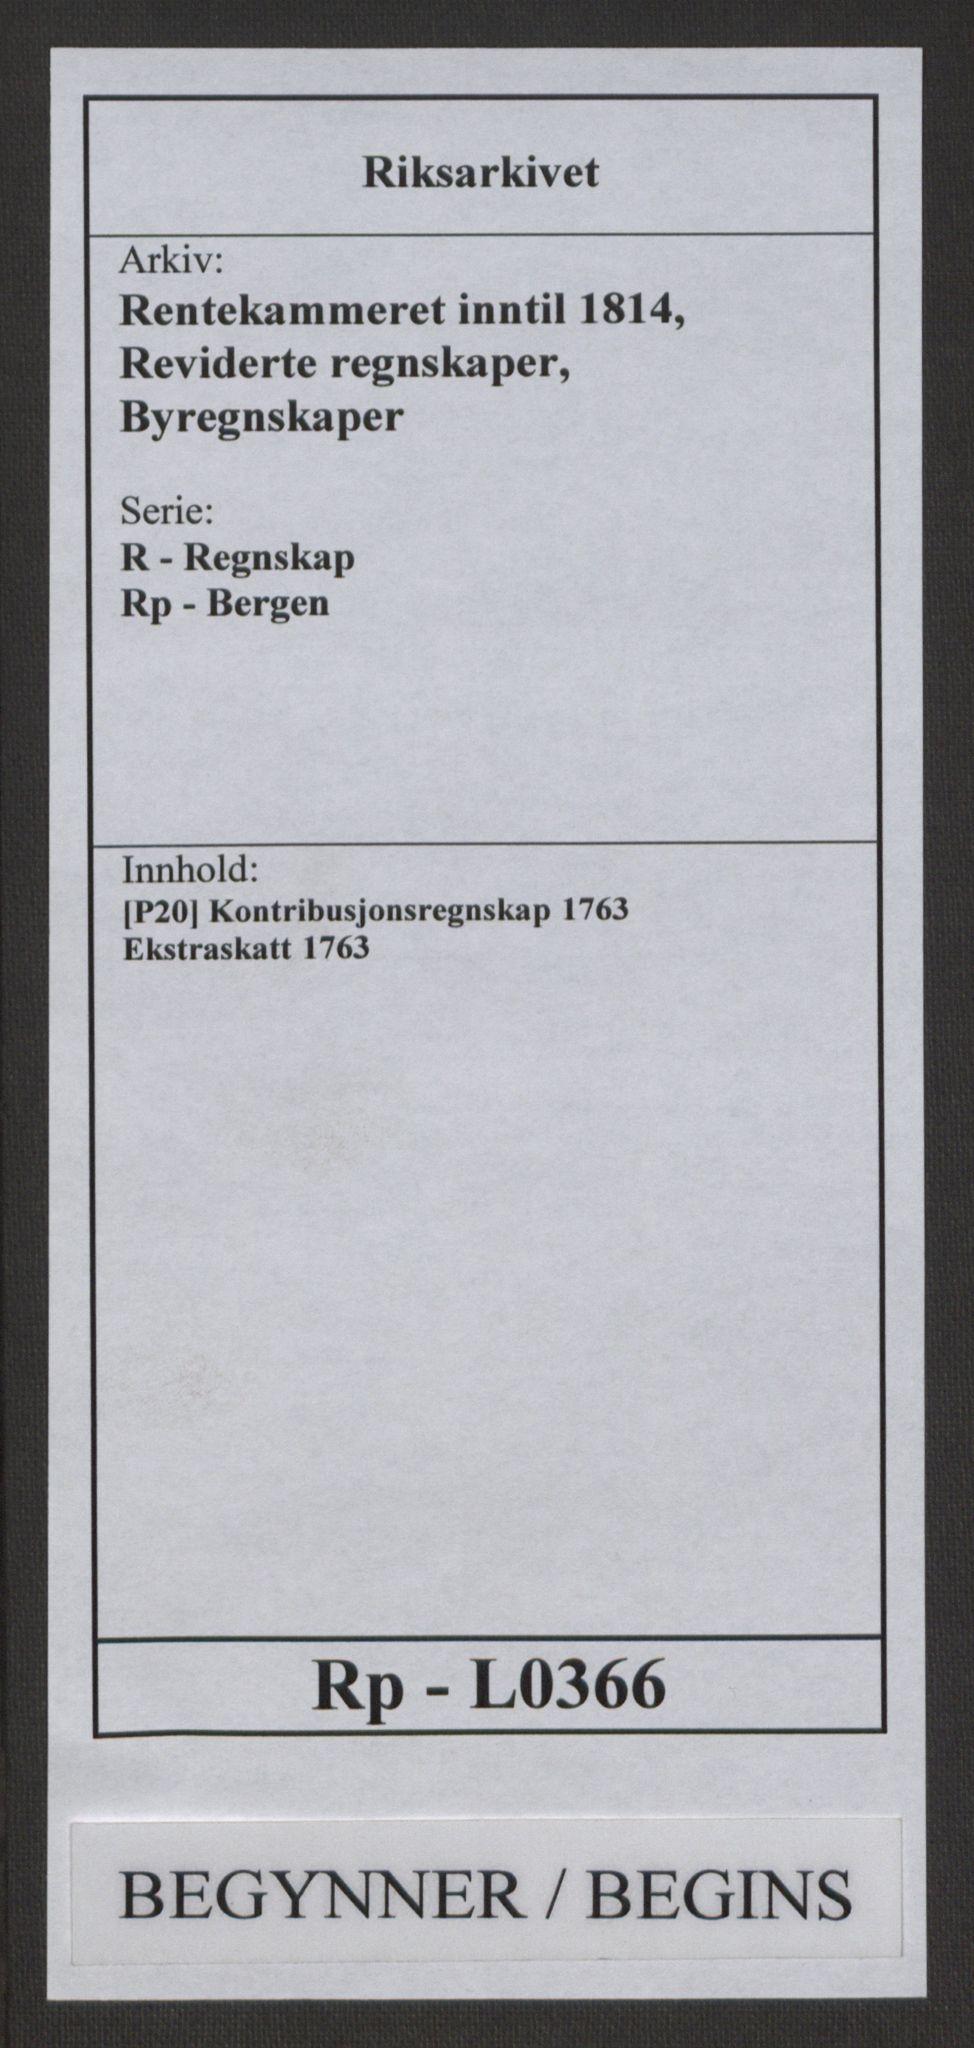 RA, Rentekammeret inntil 1814, Reviderte regnskaper, Byregnskaper, R/Rp/L0366: [P20] Kontribusjonsregnskap, 1763, s. 1